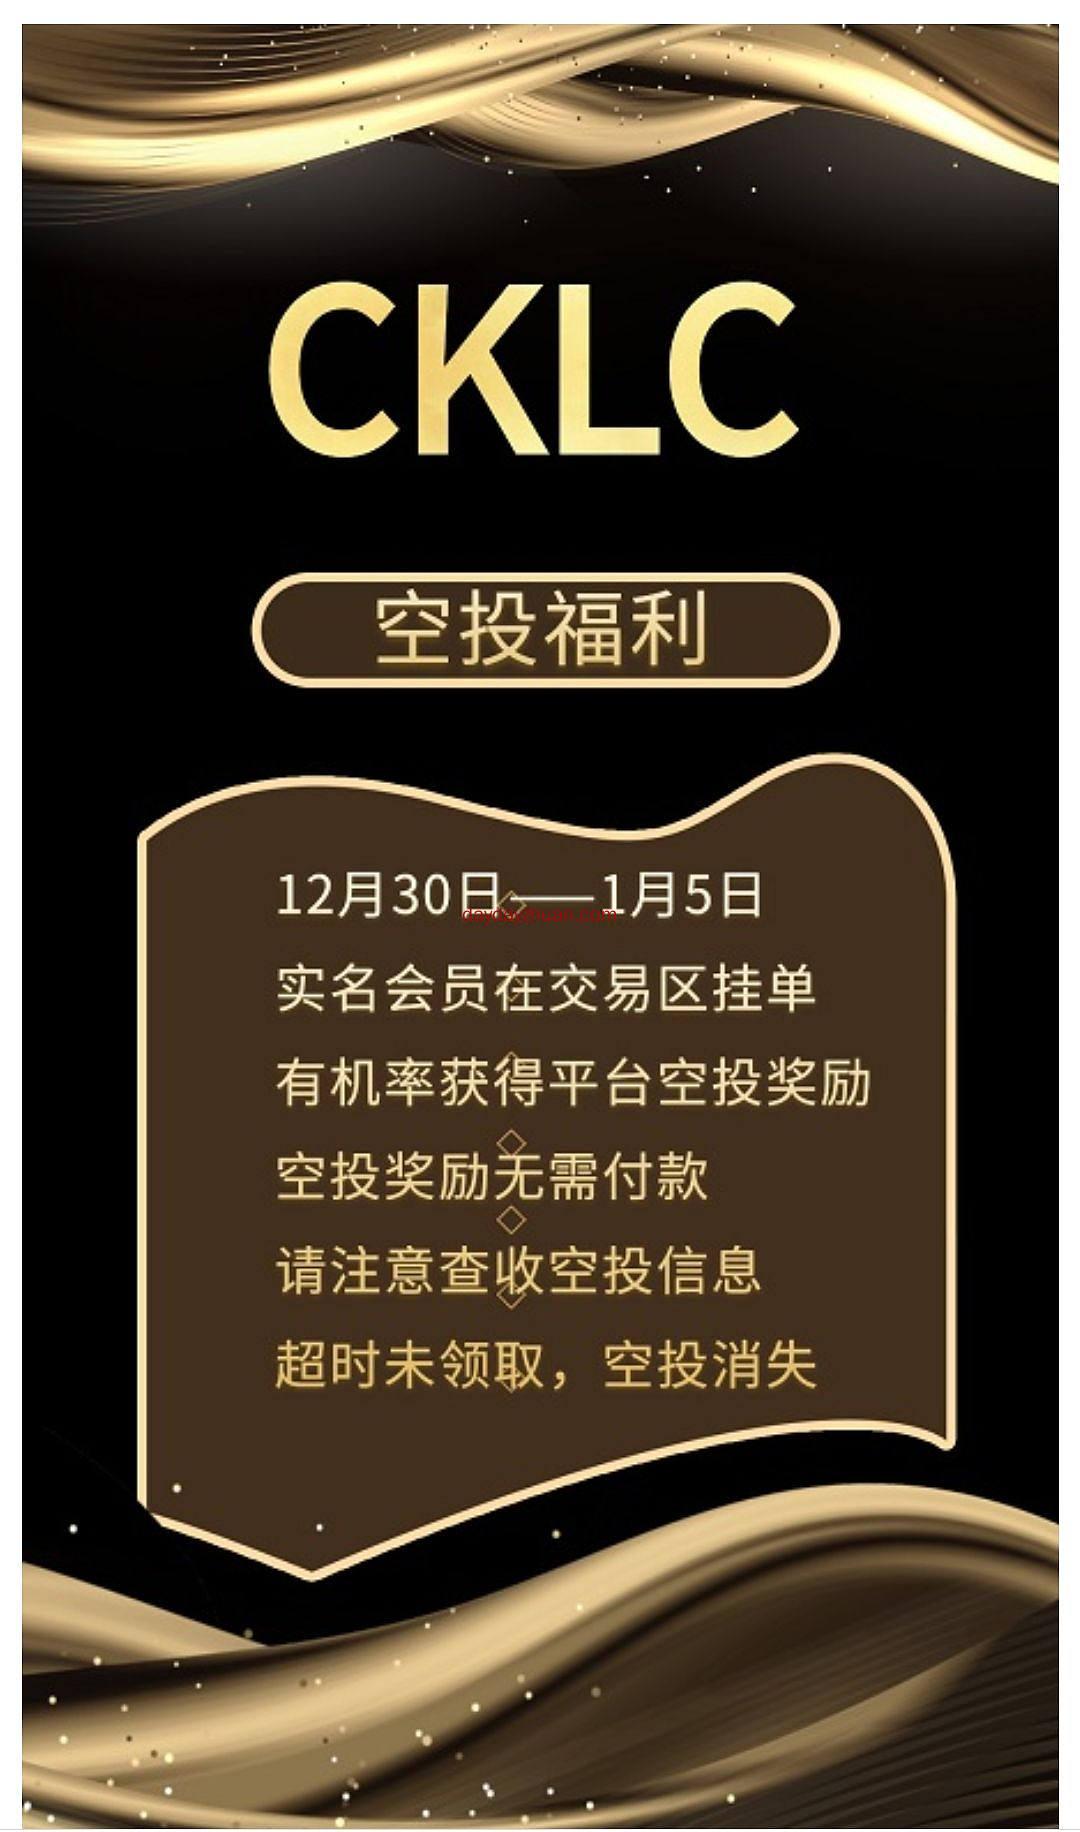 CKLC:搬砖模式,五代下级收益,上星简单,暴力分红  第2张